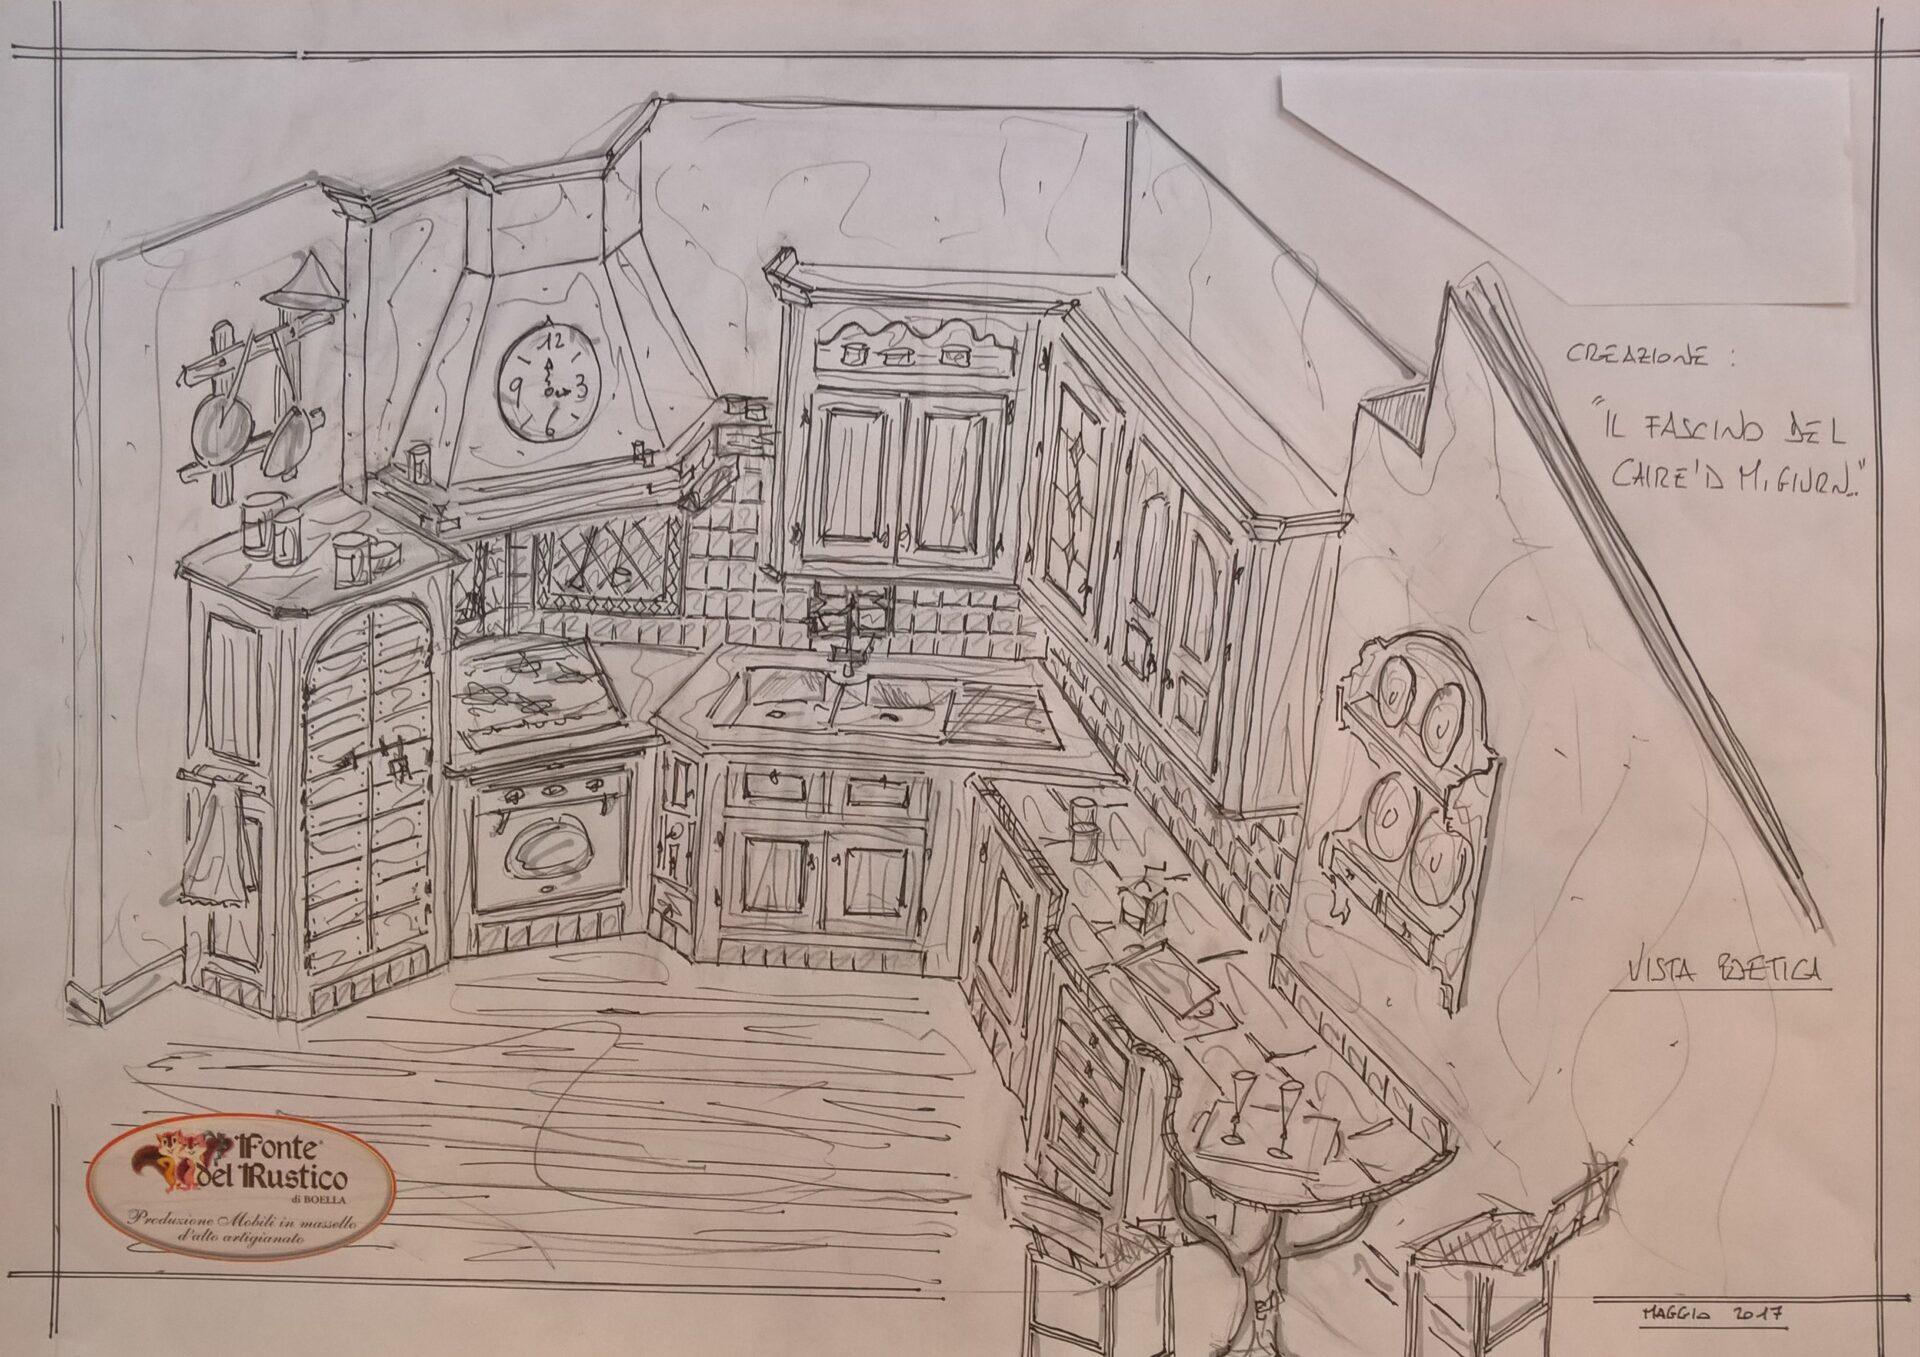 Cucine Rustiche: disegno a mano libera